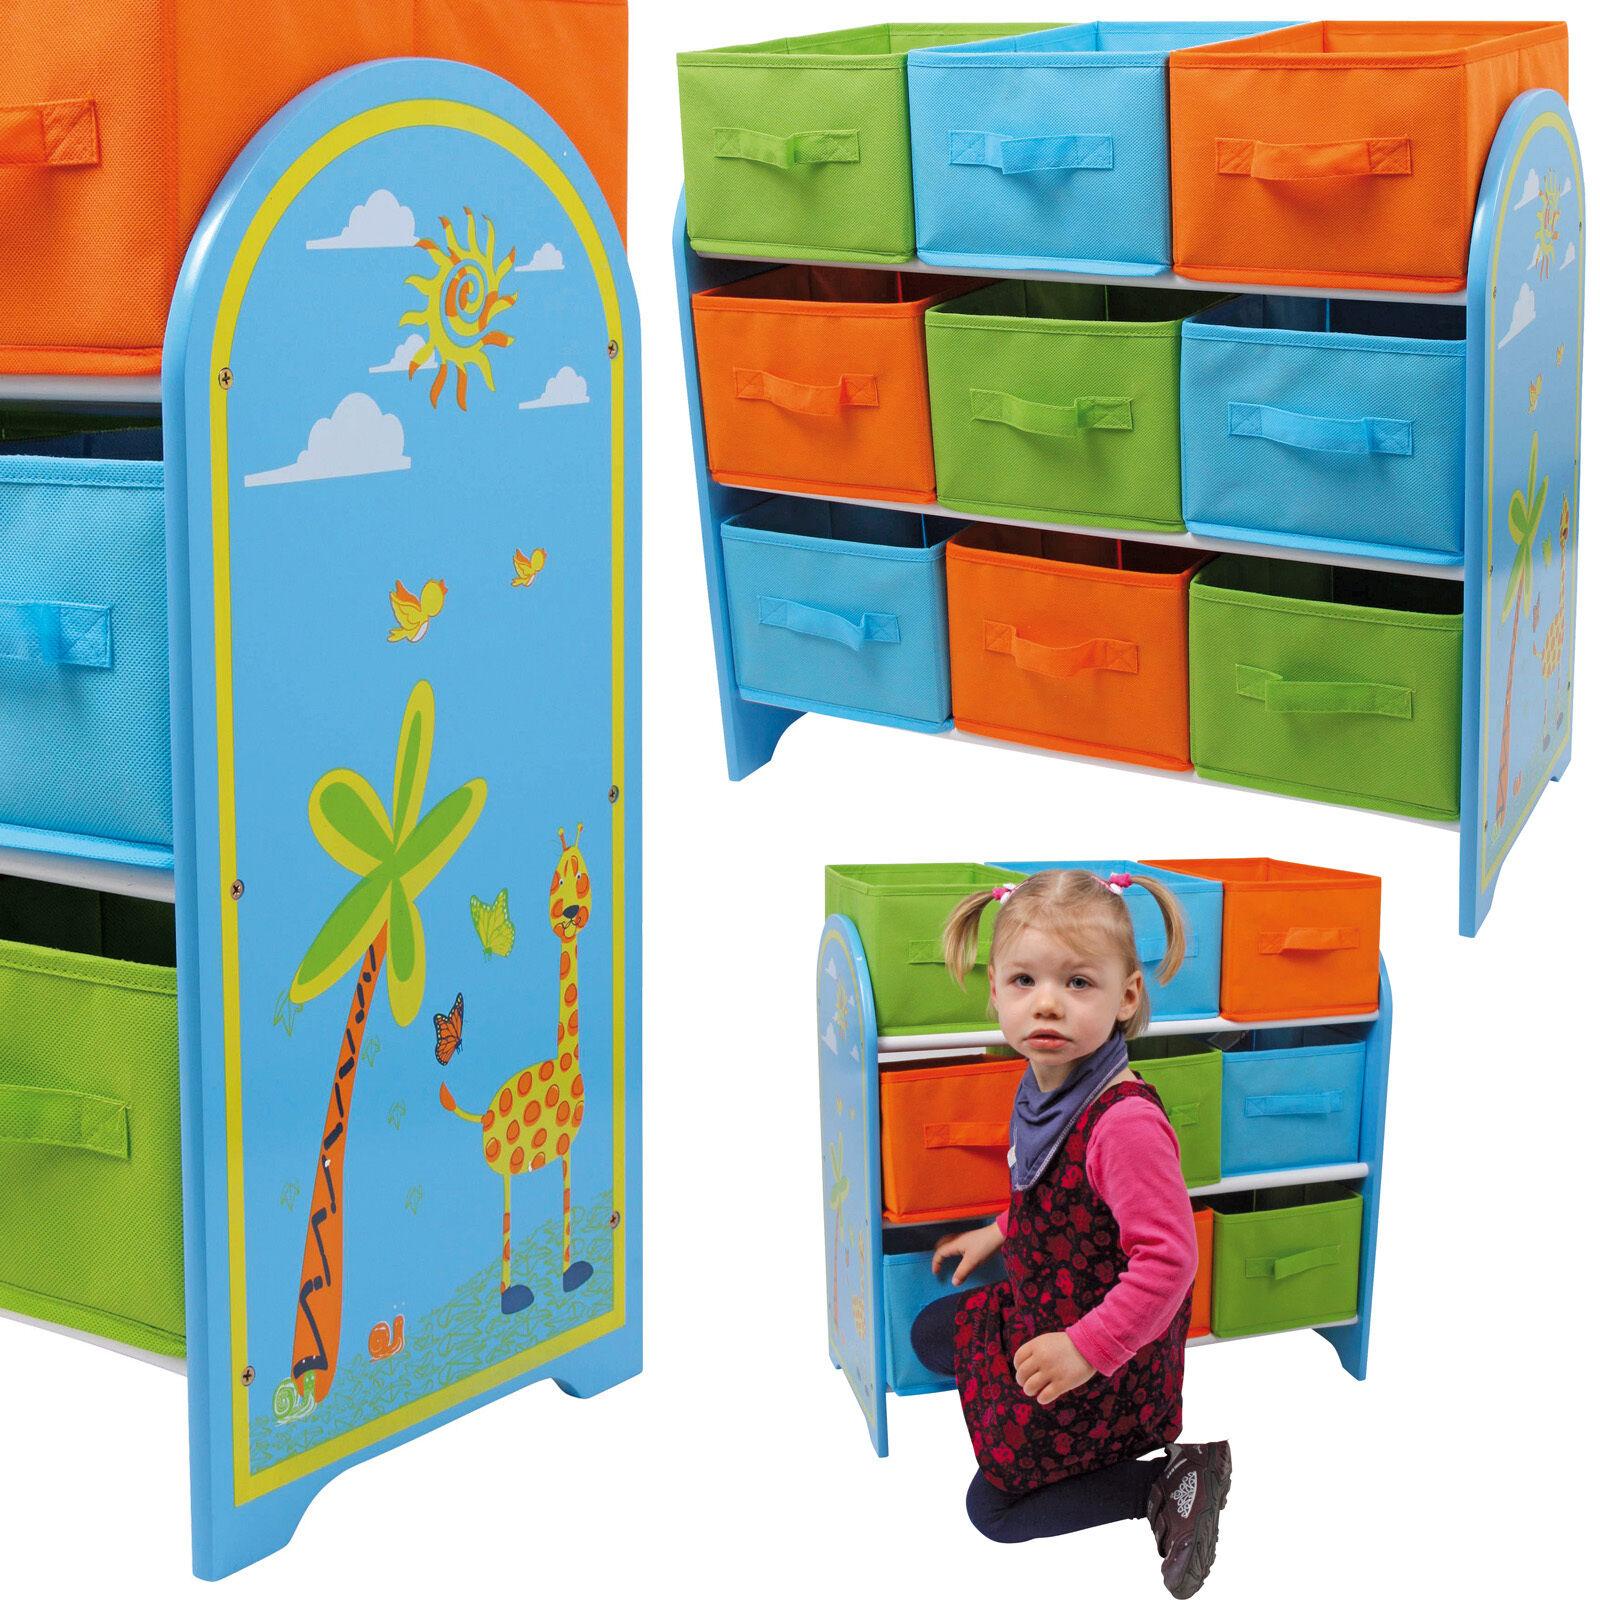 Étagère avec ordre matières Girafe mobilier pour enfants enfants jouets étagère CAISSE BOIS